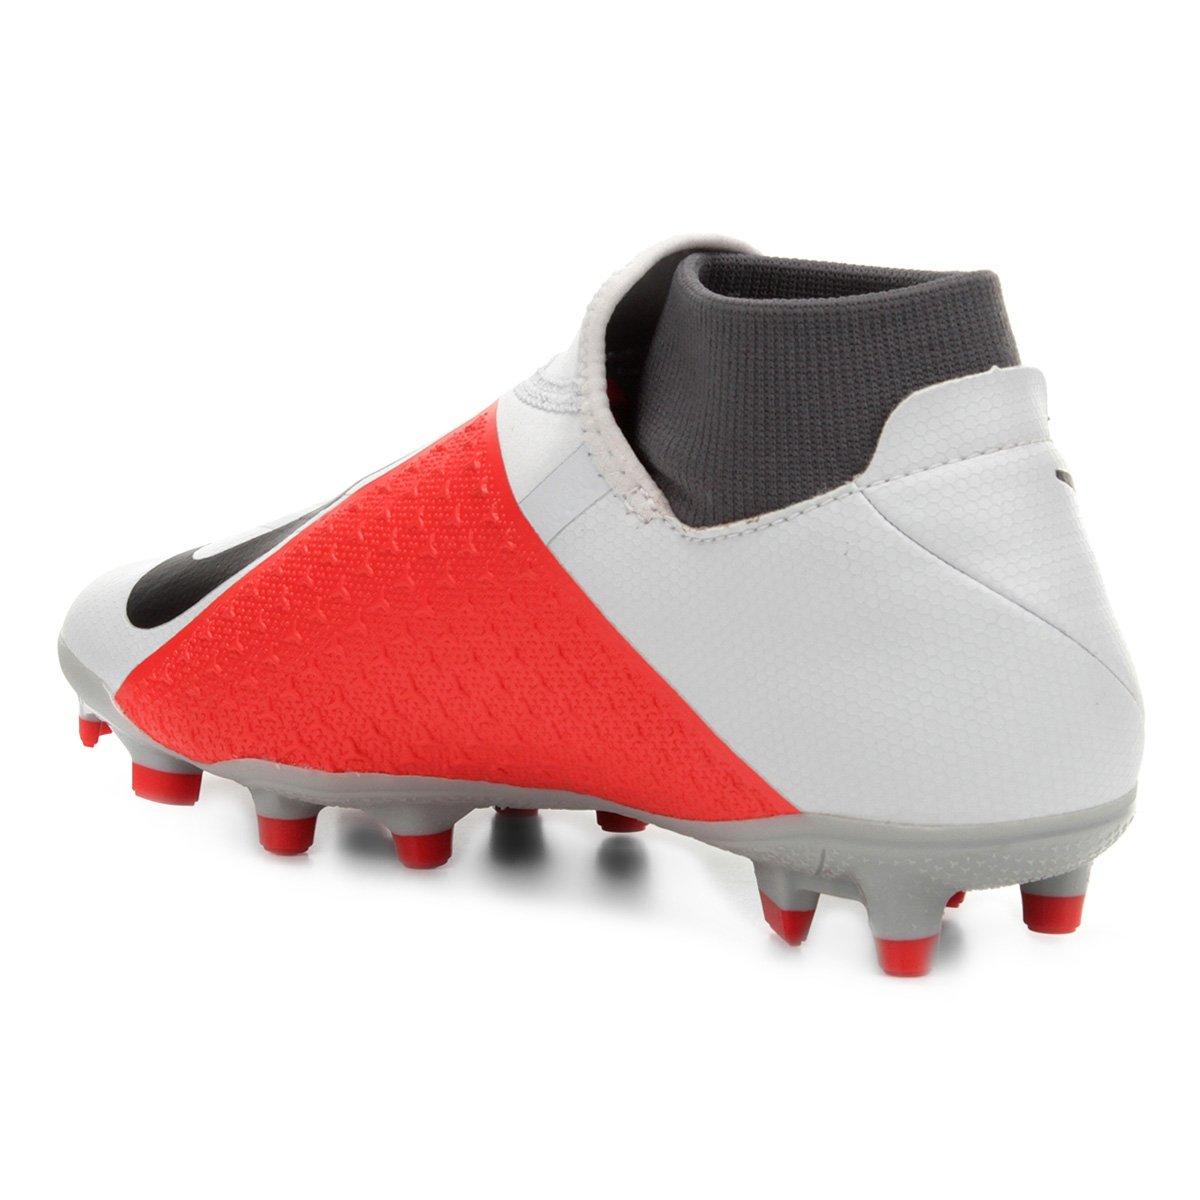 6be60fdc34 Chuteira Campo Nike Phantom Vision Academy DF FG - Cinza - Compre ...